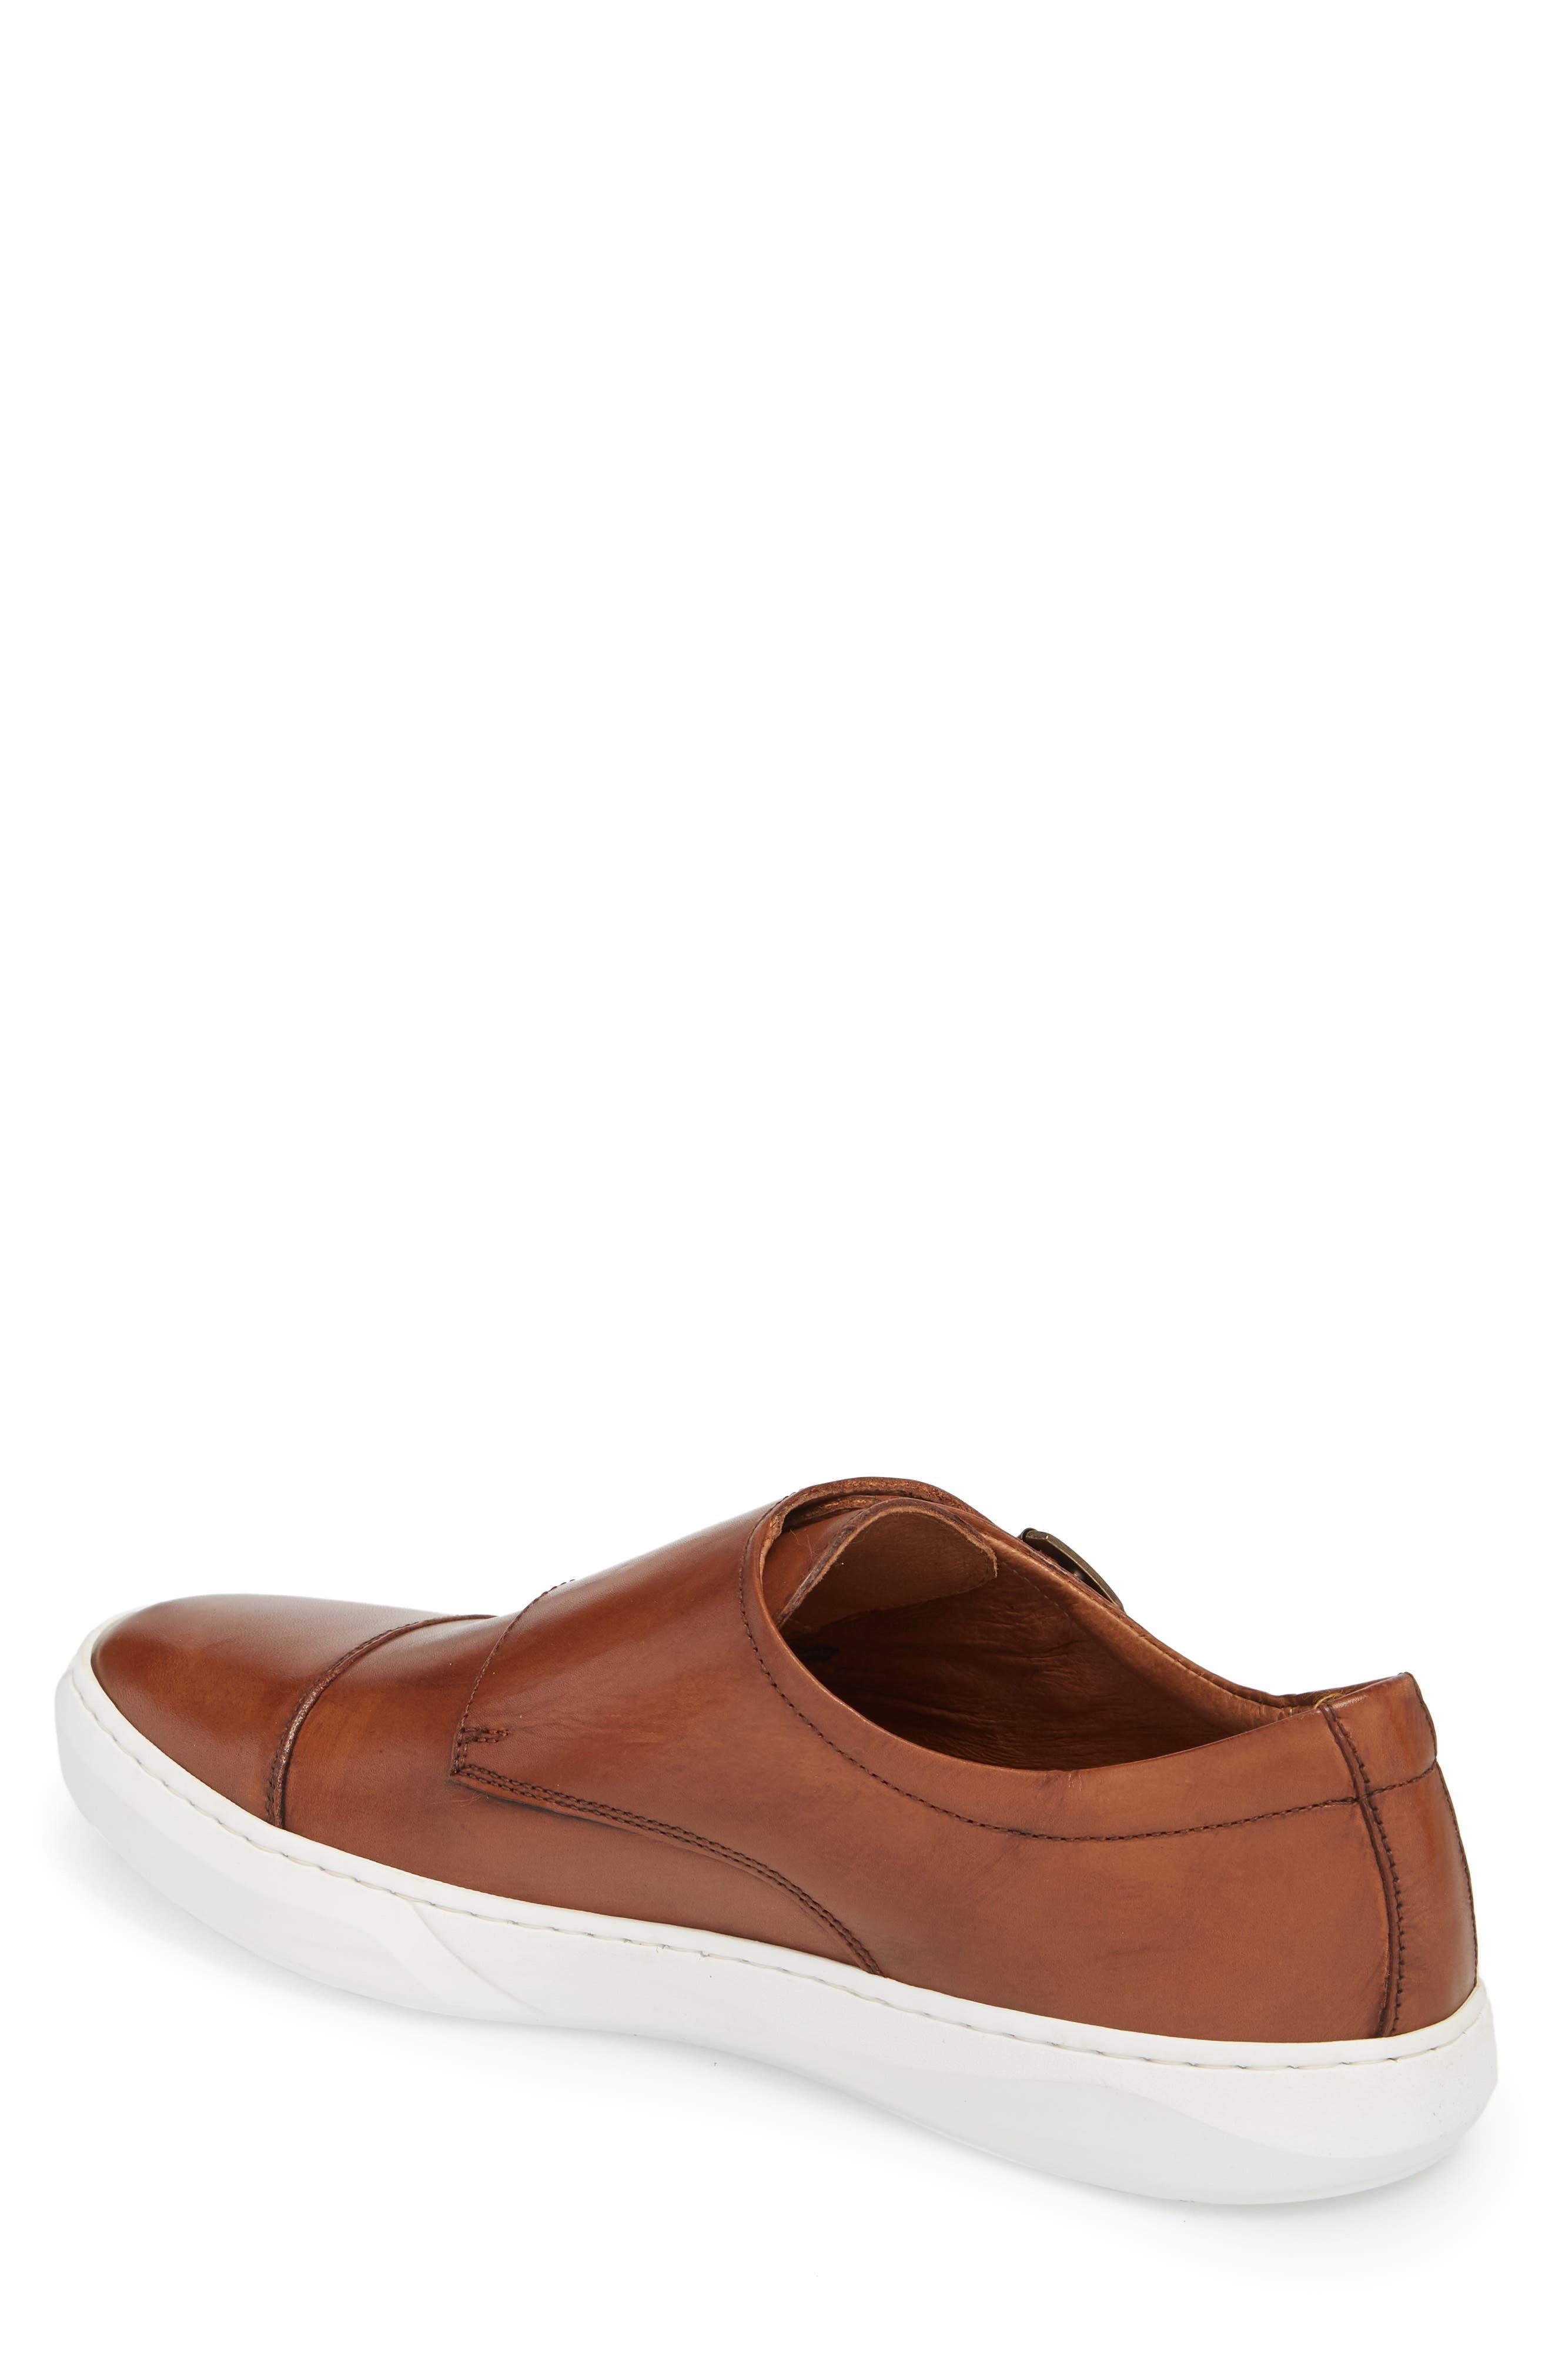 Whyle Double Strap Monk Sneaker,                             Alternate thumbnail 2, color,                             Cognac Leather